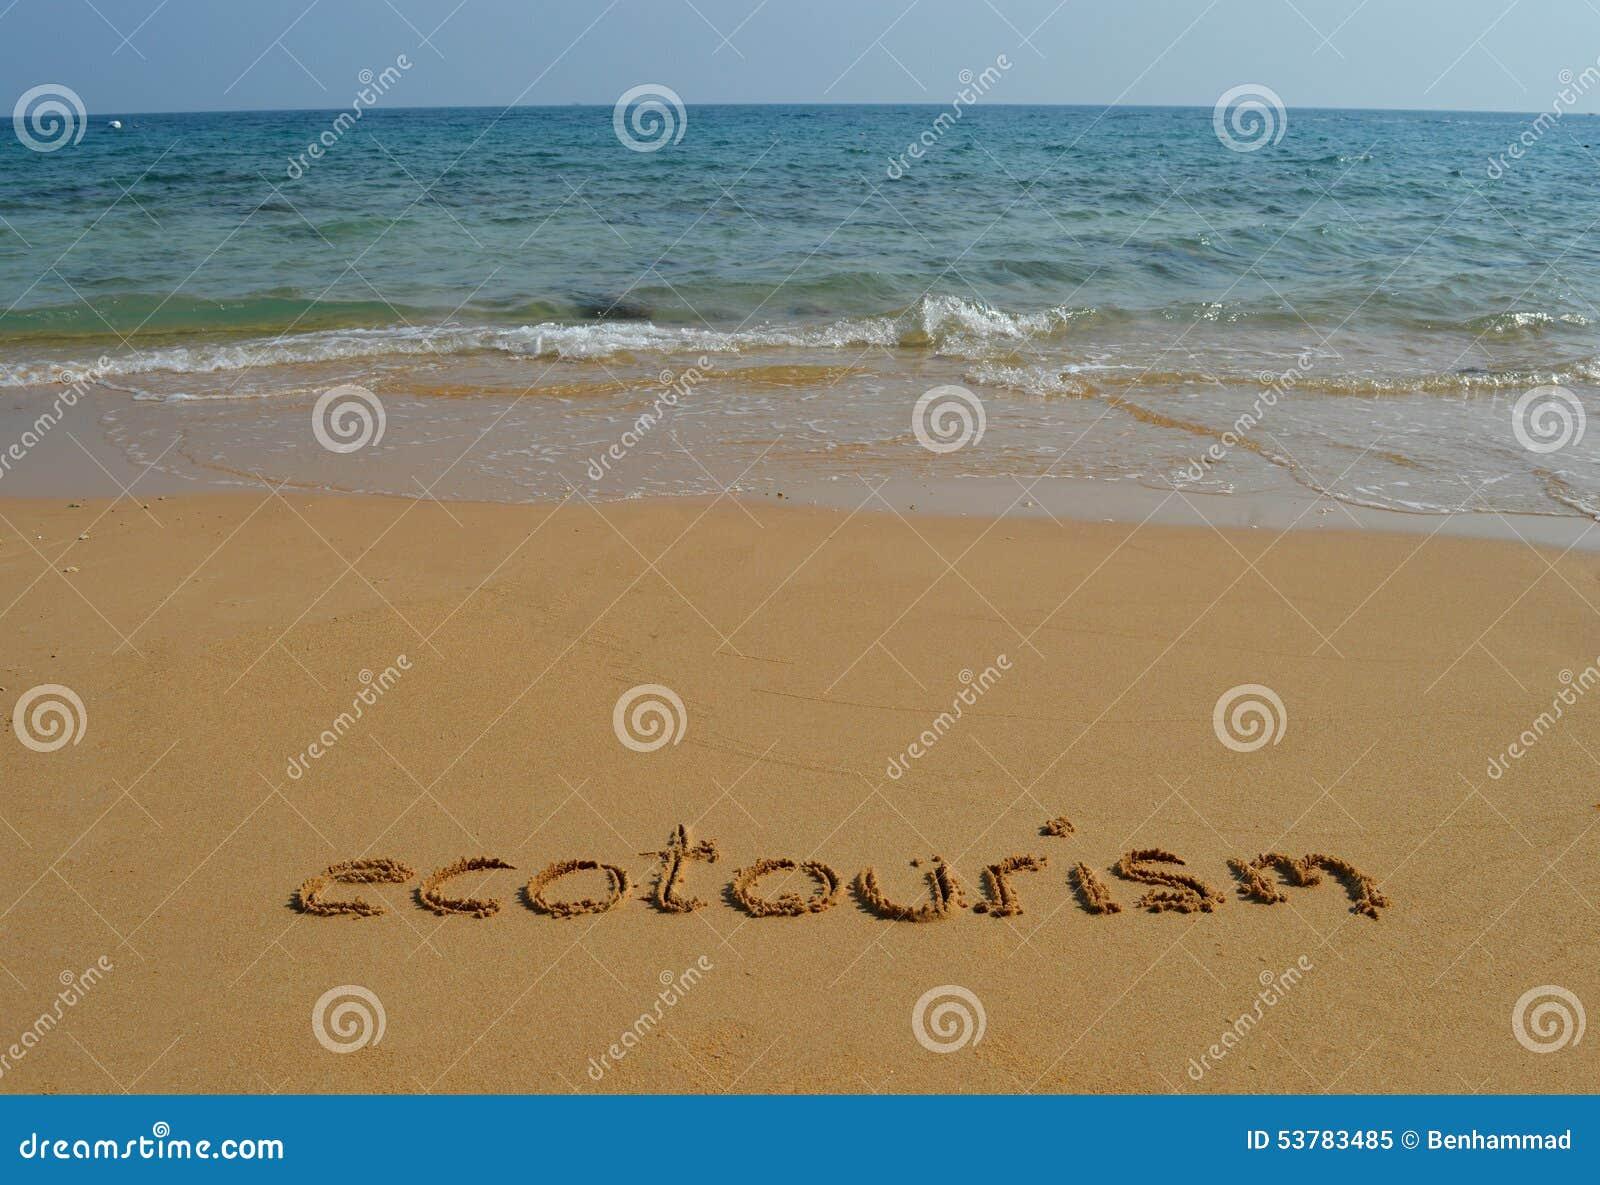 Teksta ecotourism w piasku